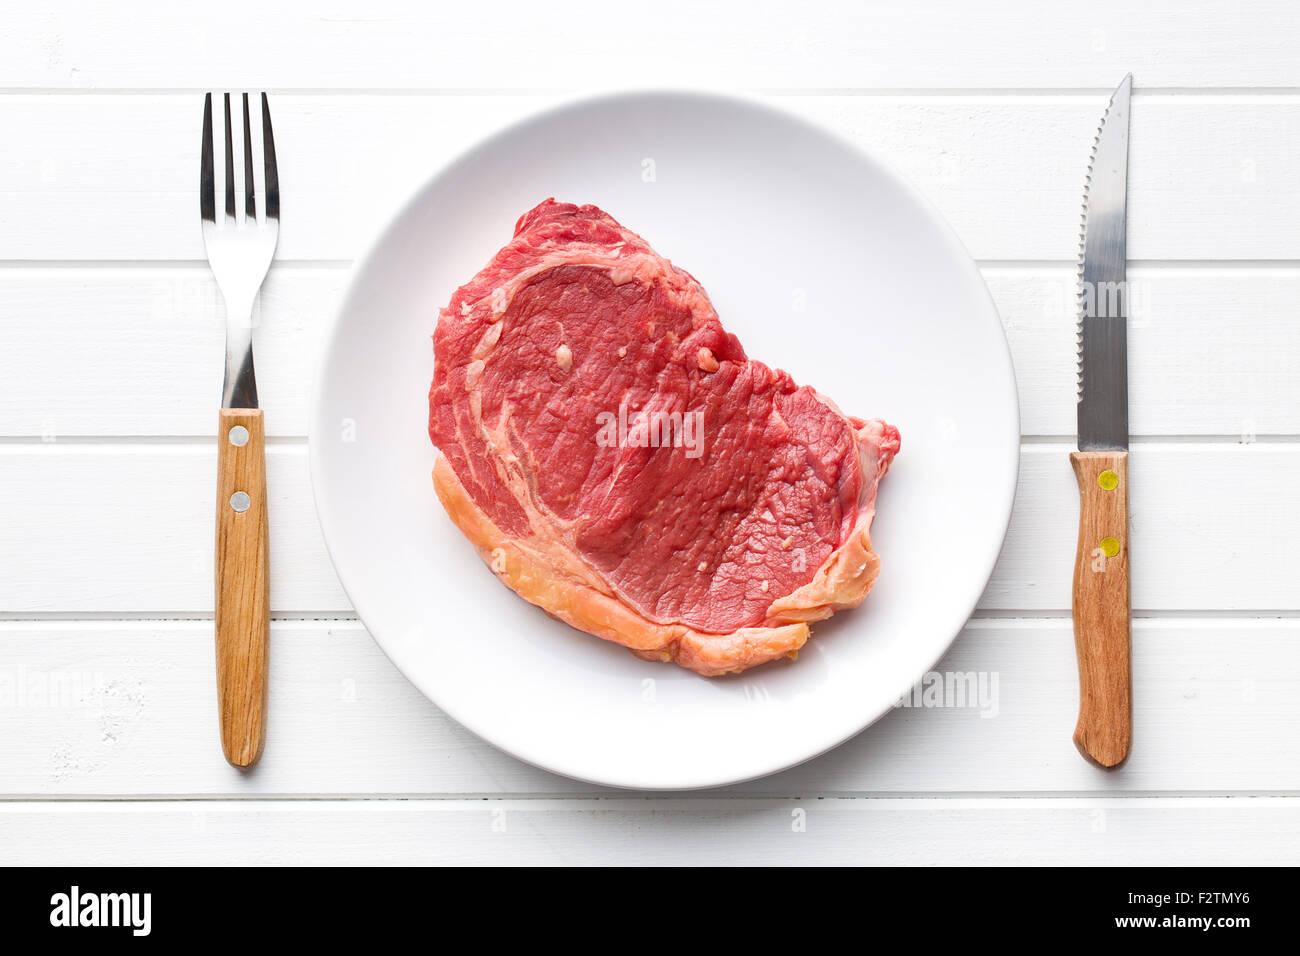 En el plato de carne de vacuno fresca cruda Imagen De Stock